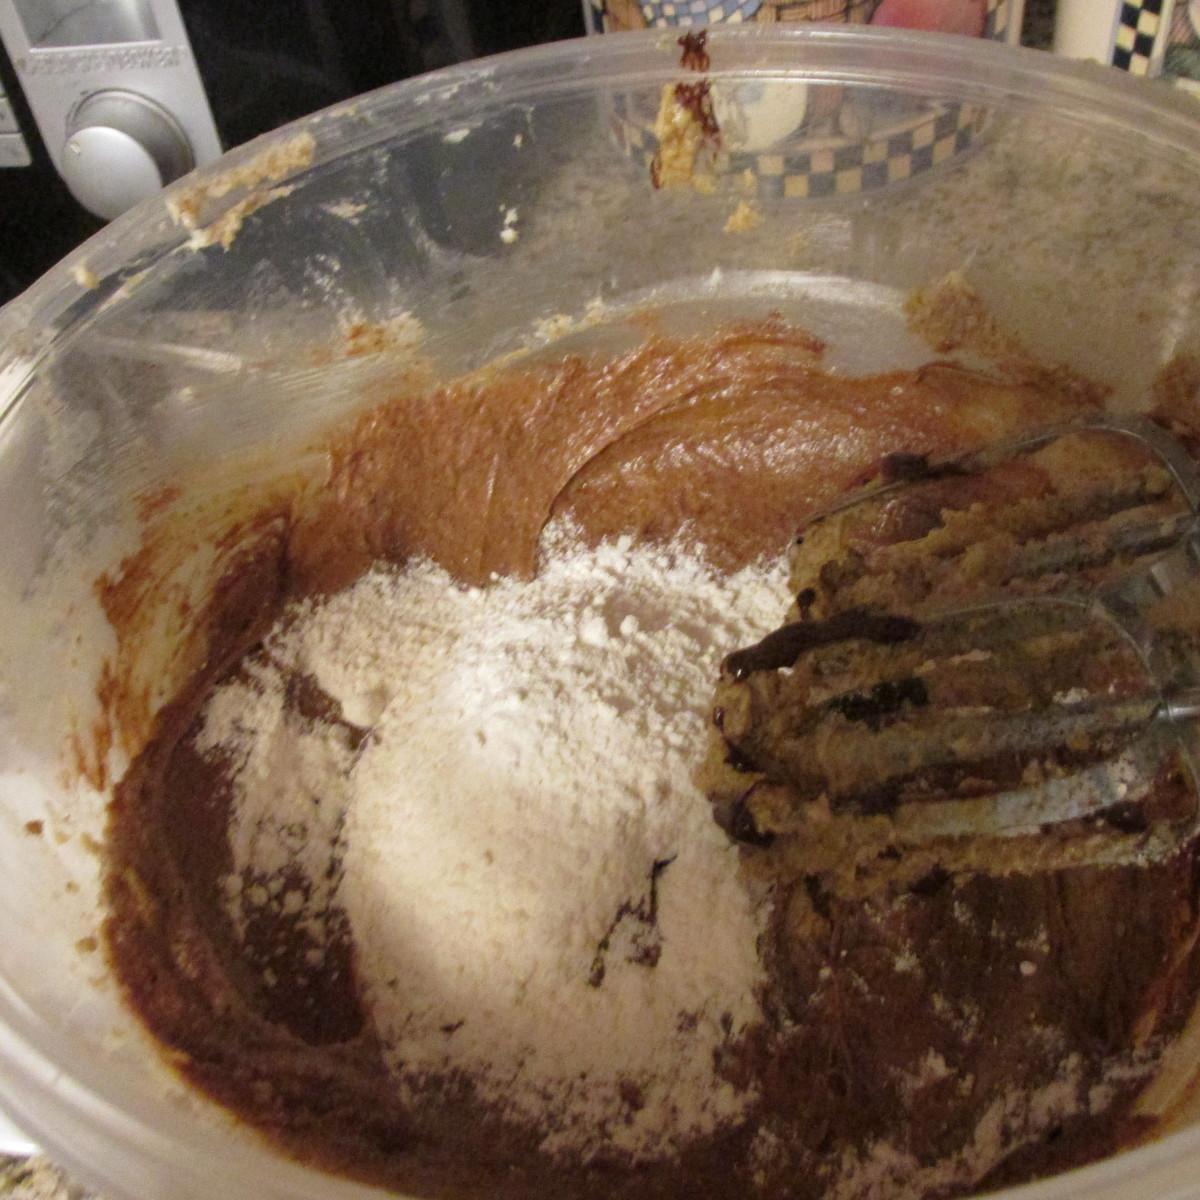 Adding the flour